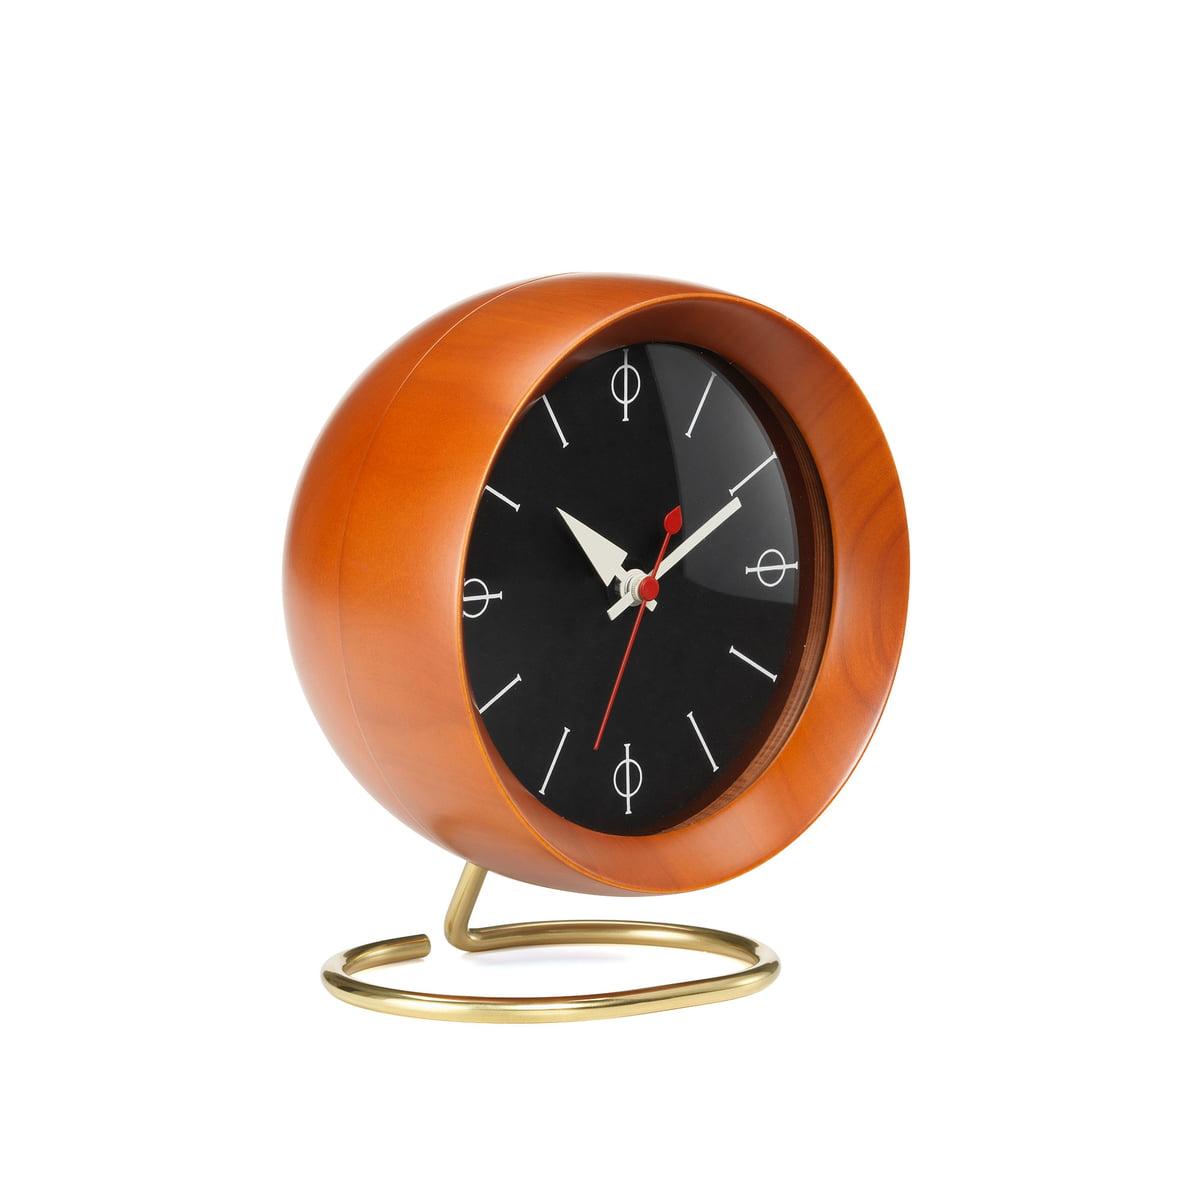 Horloge De Bureau Originale vitra - chronopak horloge de bureau